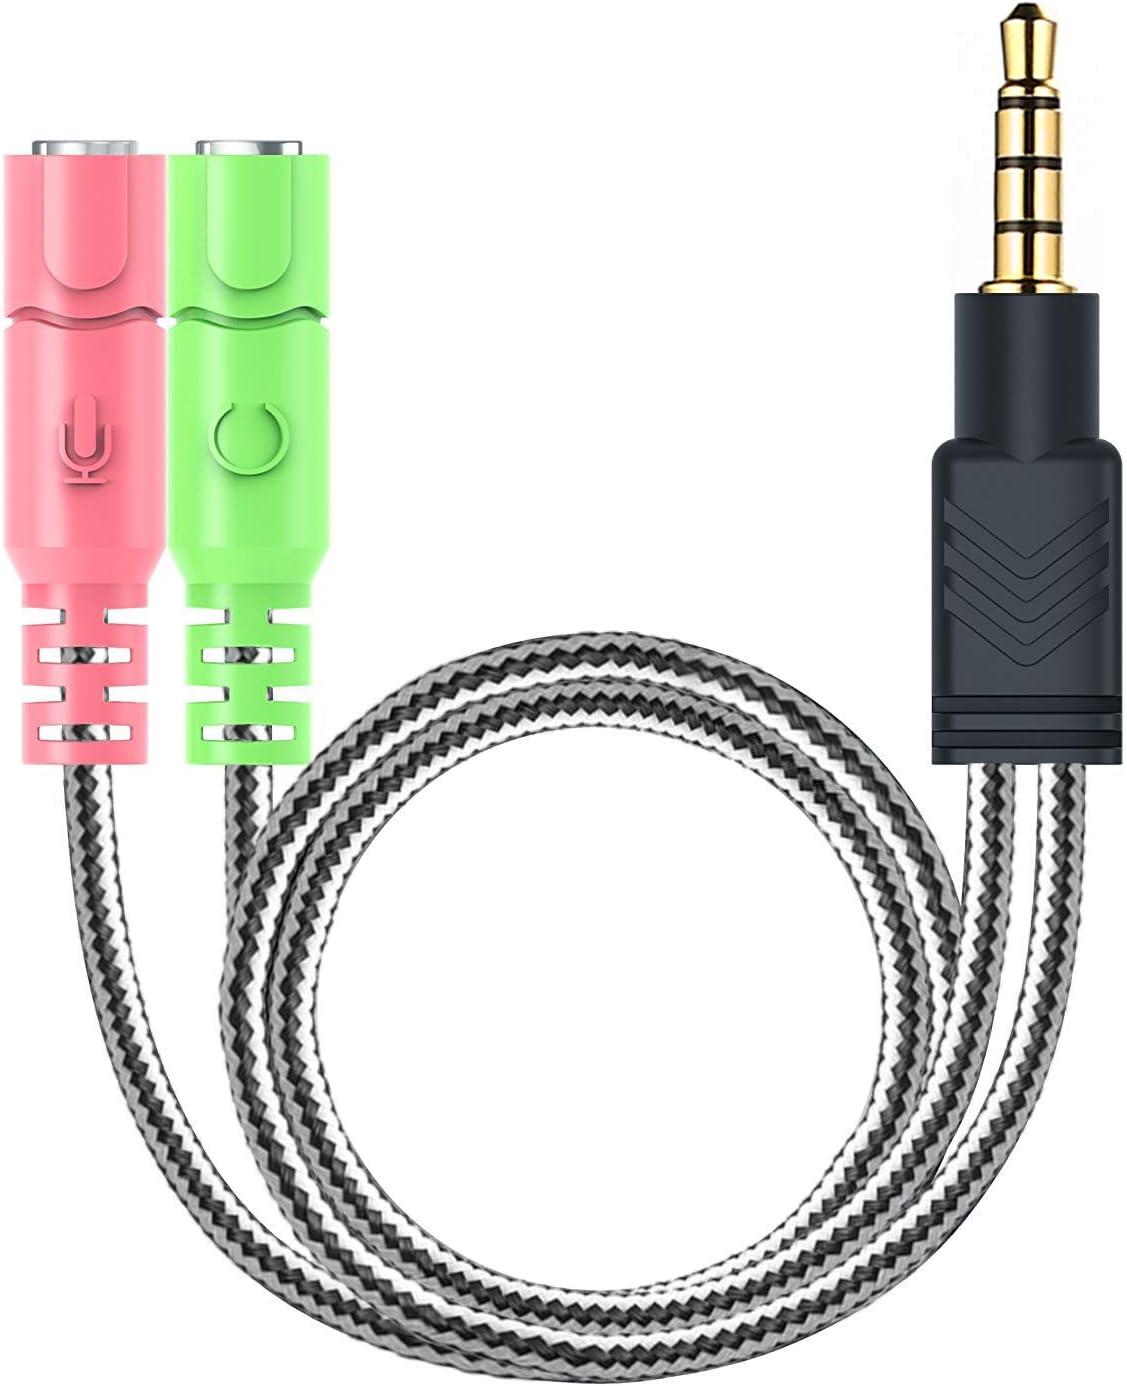 MillSO 3.5mm Audio Jack Y Cable - Adaptador para auriculares (3.5mm Jack estéreo a 2x 3.5mm Jack) para auriculares para juegos, Xbox One, PS4, Smartphones y Laptop - 20CM